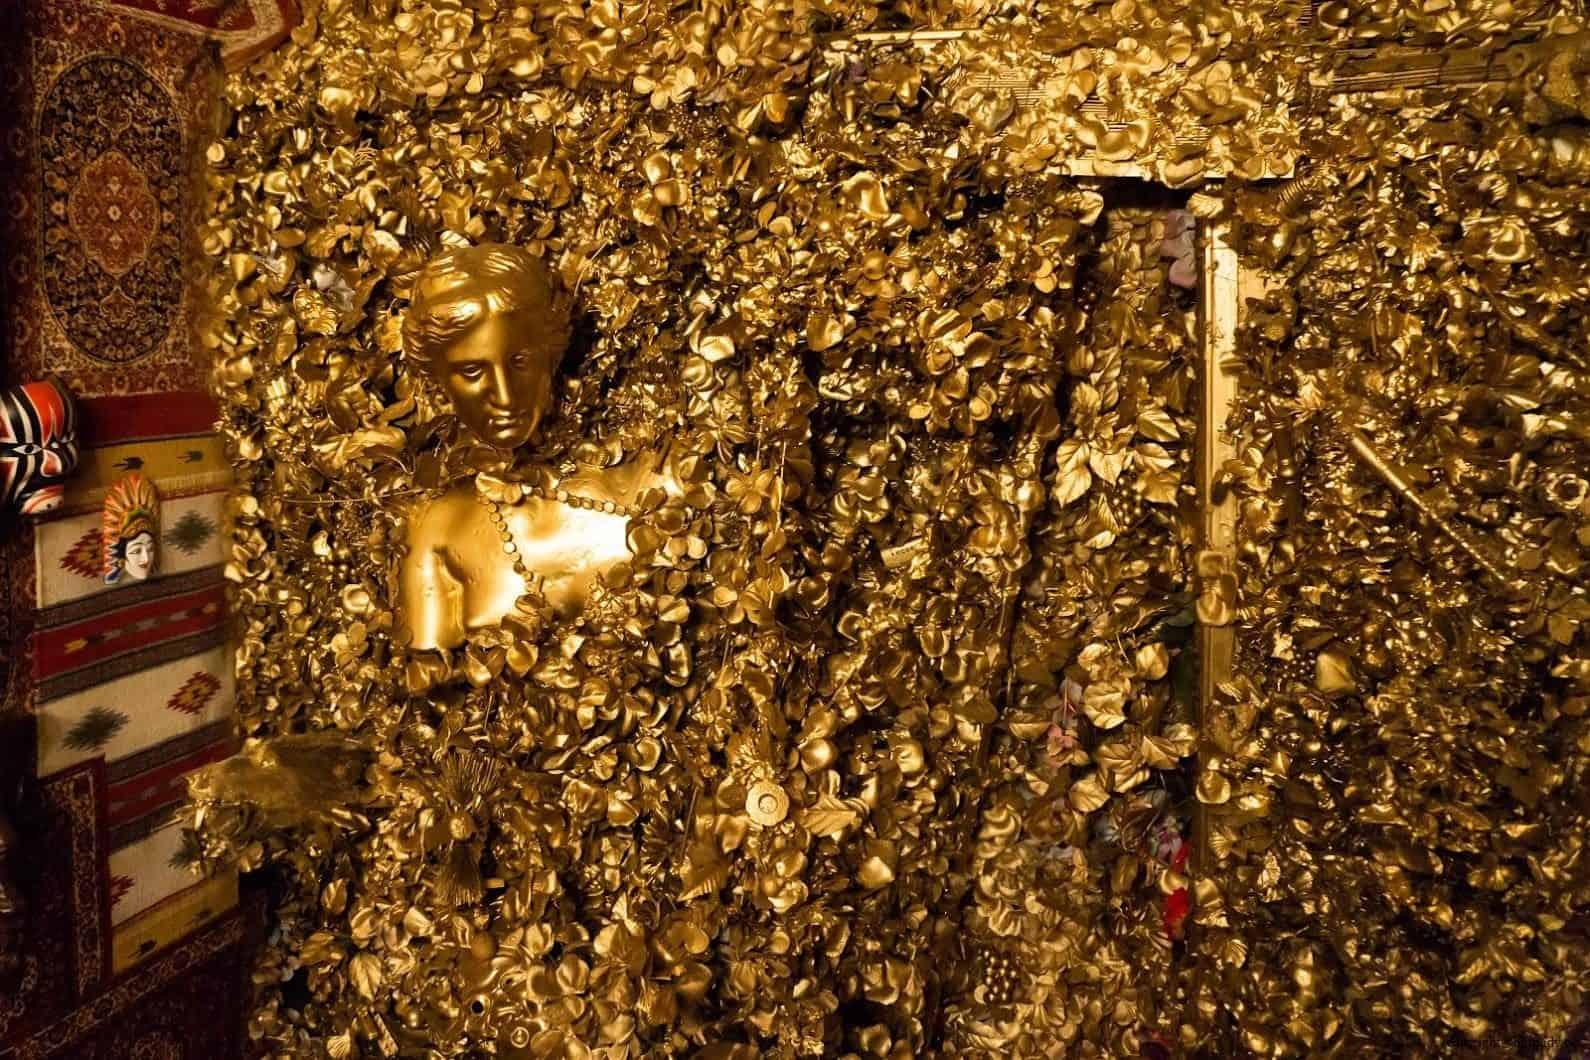 豊福亮,黃金遊戲場,違和的錯亂彷彿進入另一個異次元空間;在黃金花中掙扎而出的...人? 黃金遊戲場 黃金遊戲場 golden playroom 03 0x0